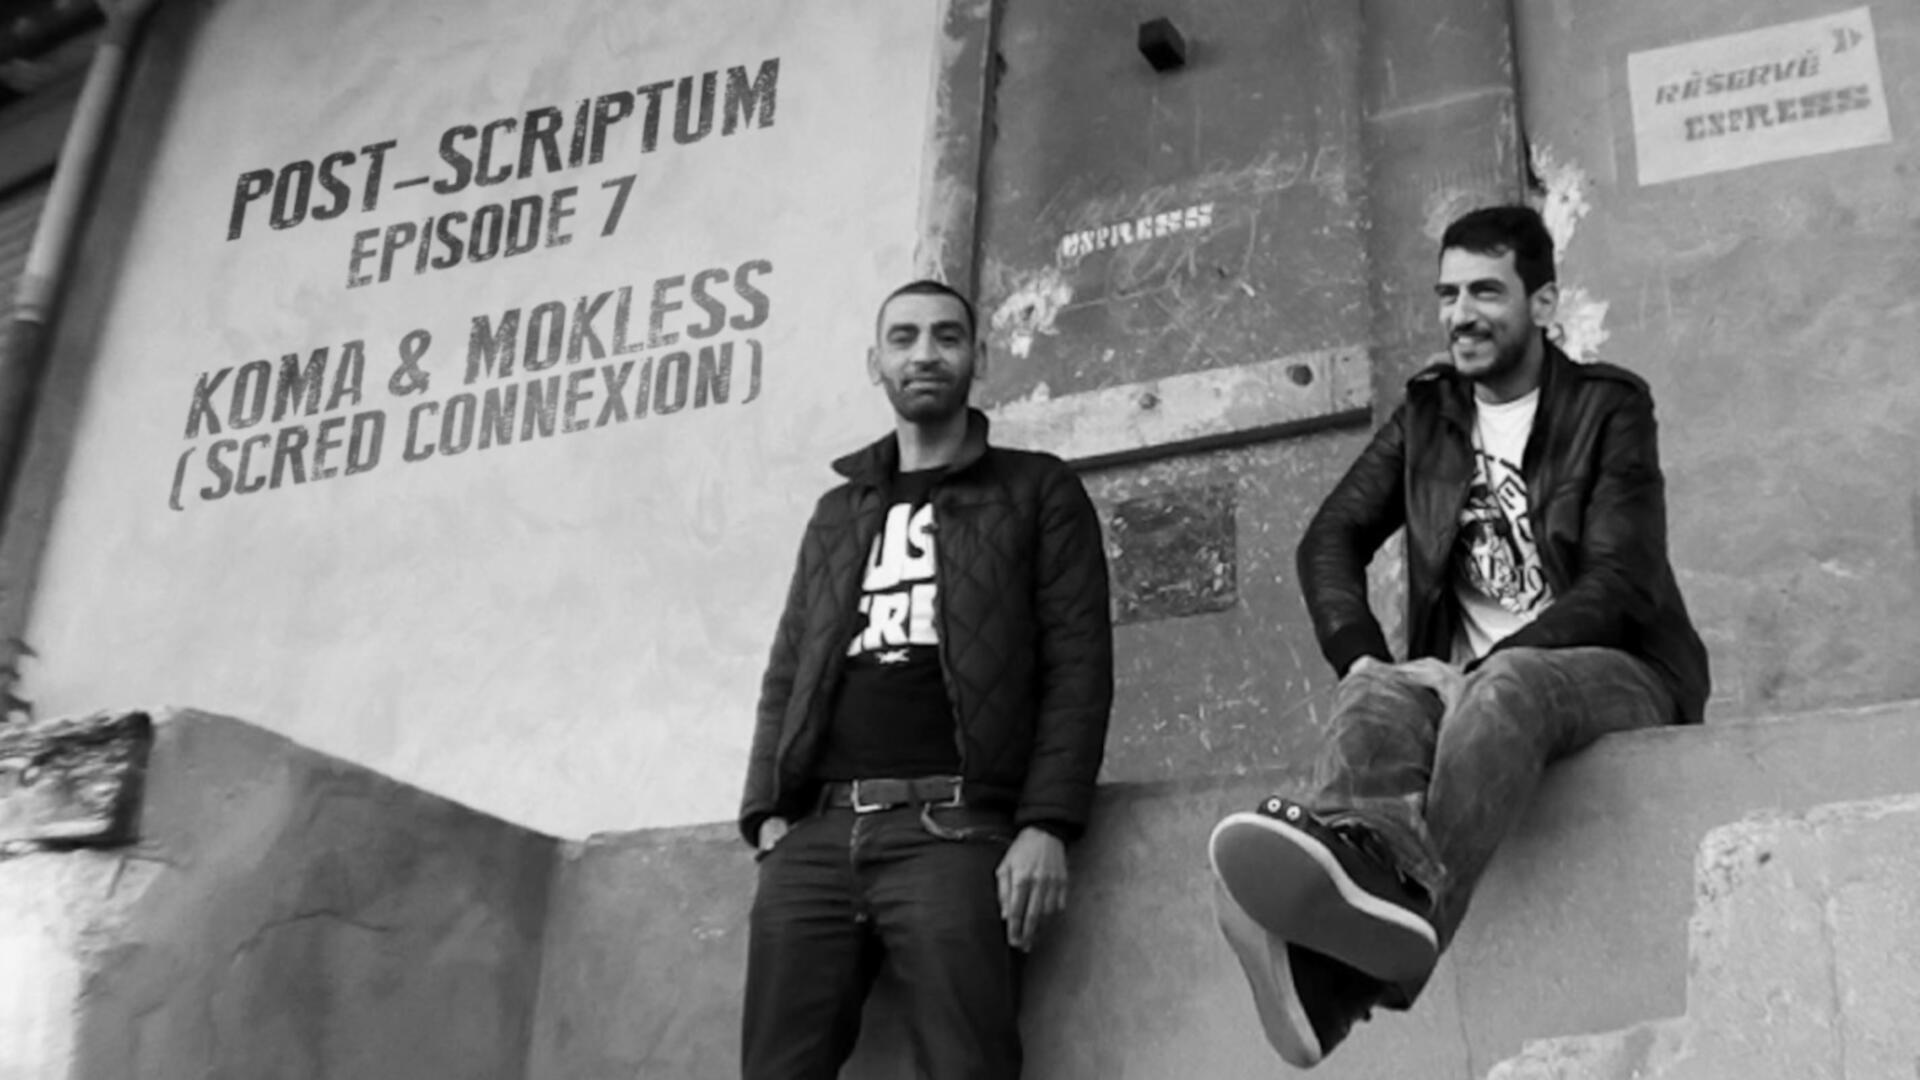 Post-scriptum / Episode 7: Toujours dans la bonne direction – avec Koma & Mokless (Scred Connexion)